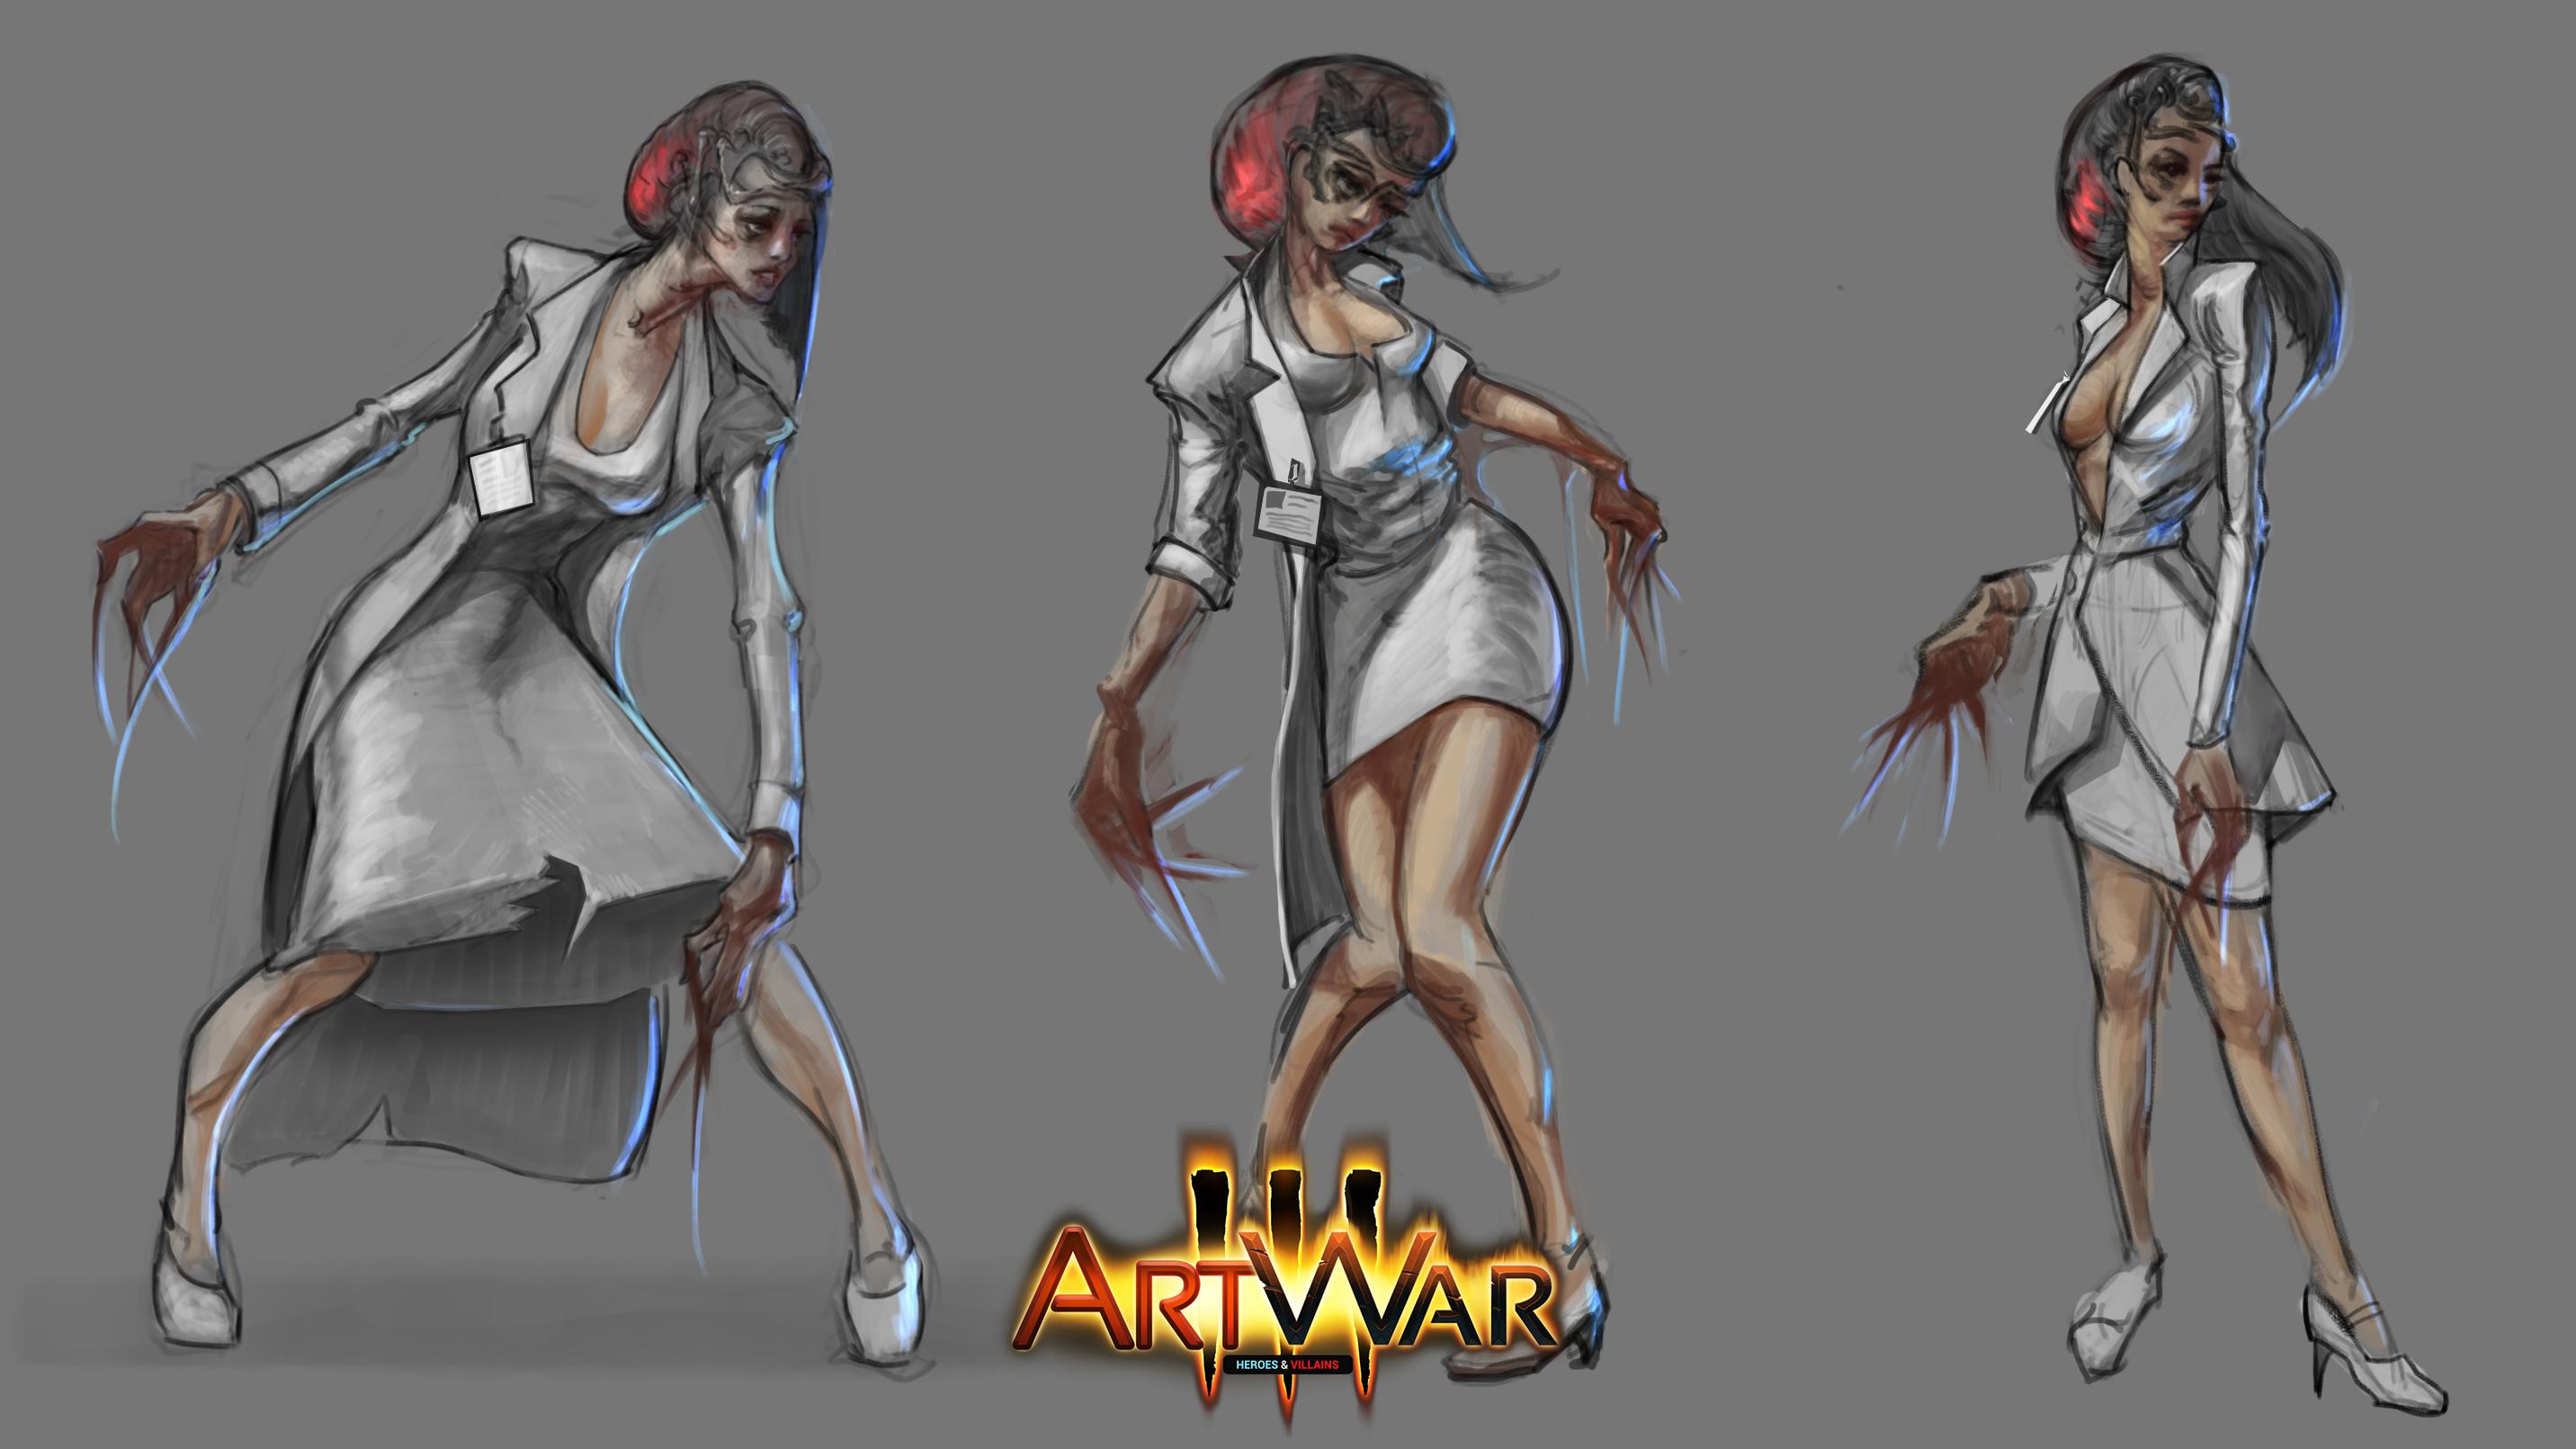 Art War 3 2d Villains Art War 3 2d Villains Beginning Artsaw Artsaw 2d Forums Cubebrush